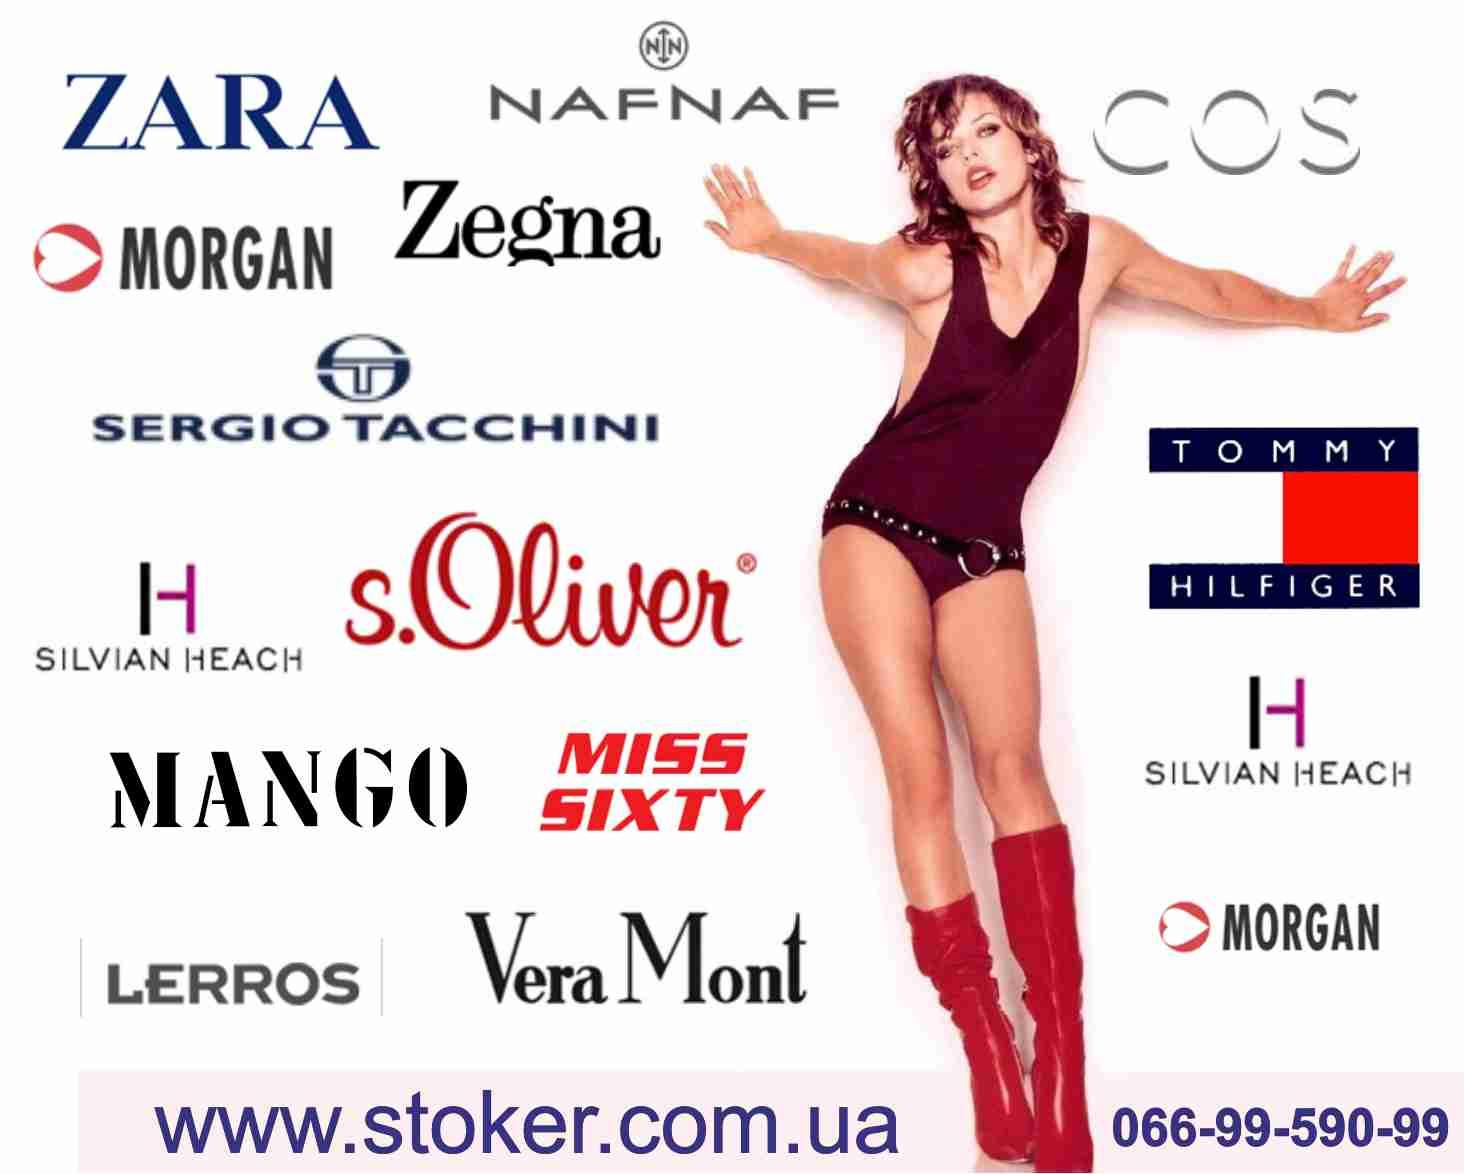 6323ecd6 Купить индия Сток одежды, секонд хенд Украина цена Киев заказать в ...